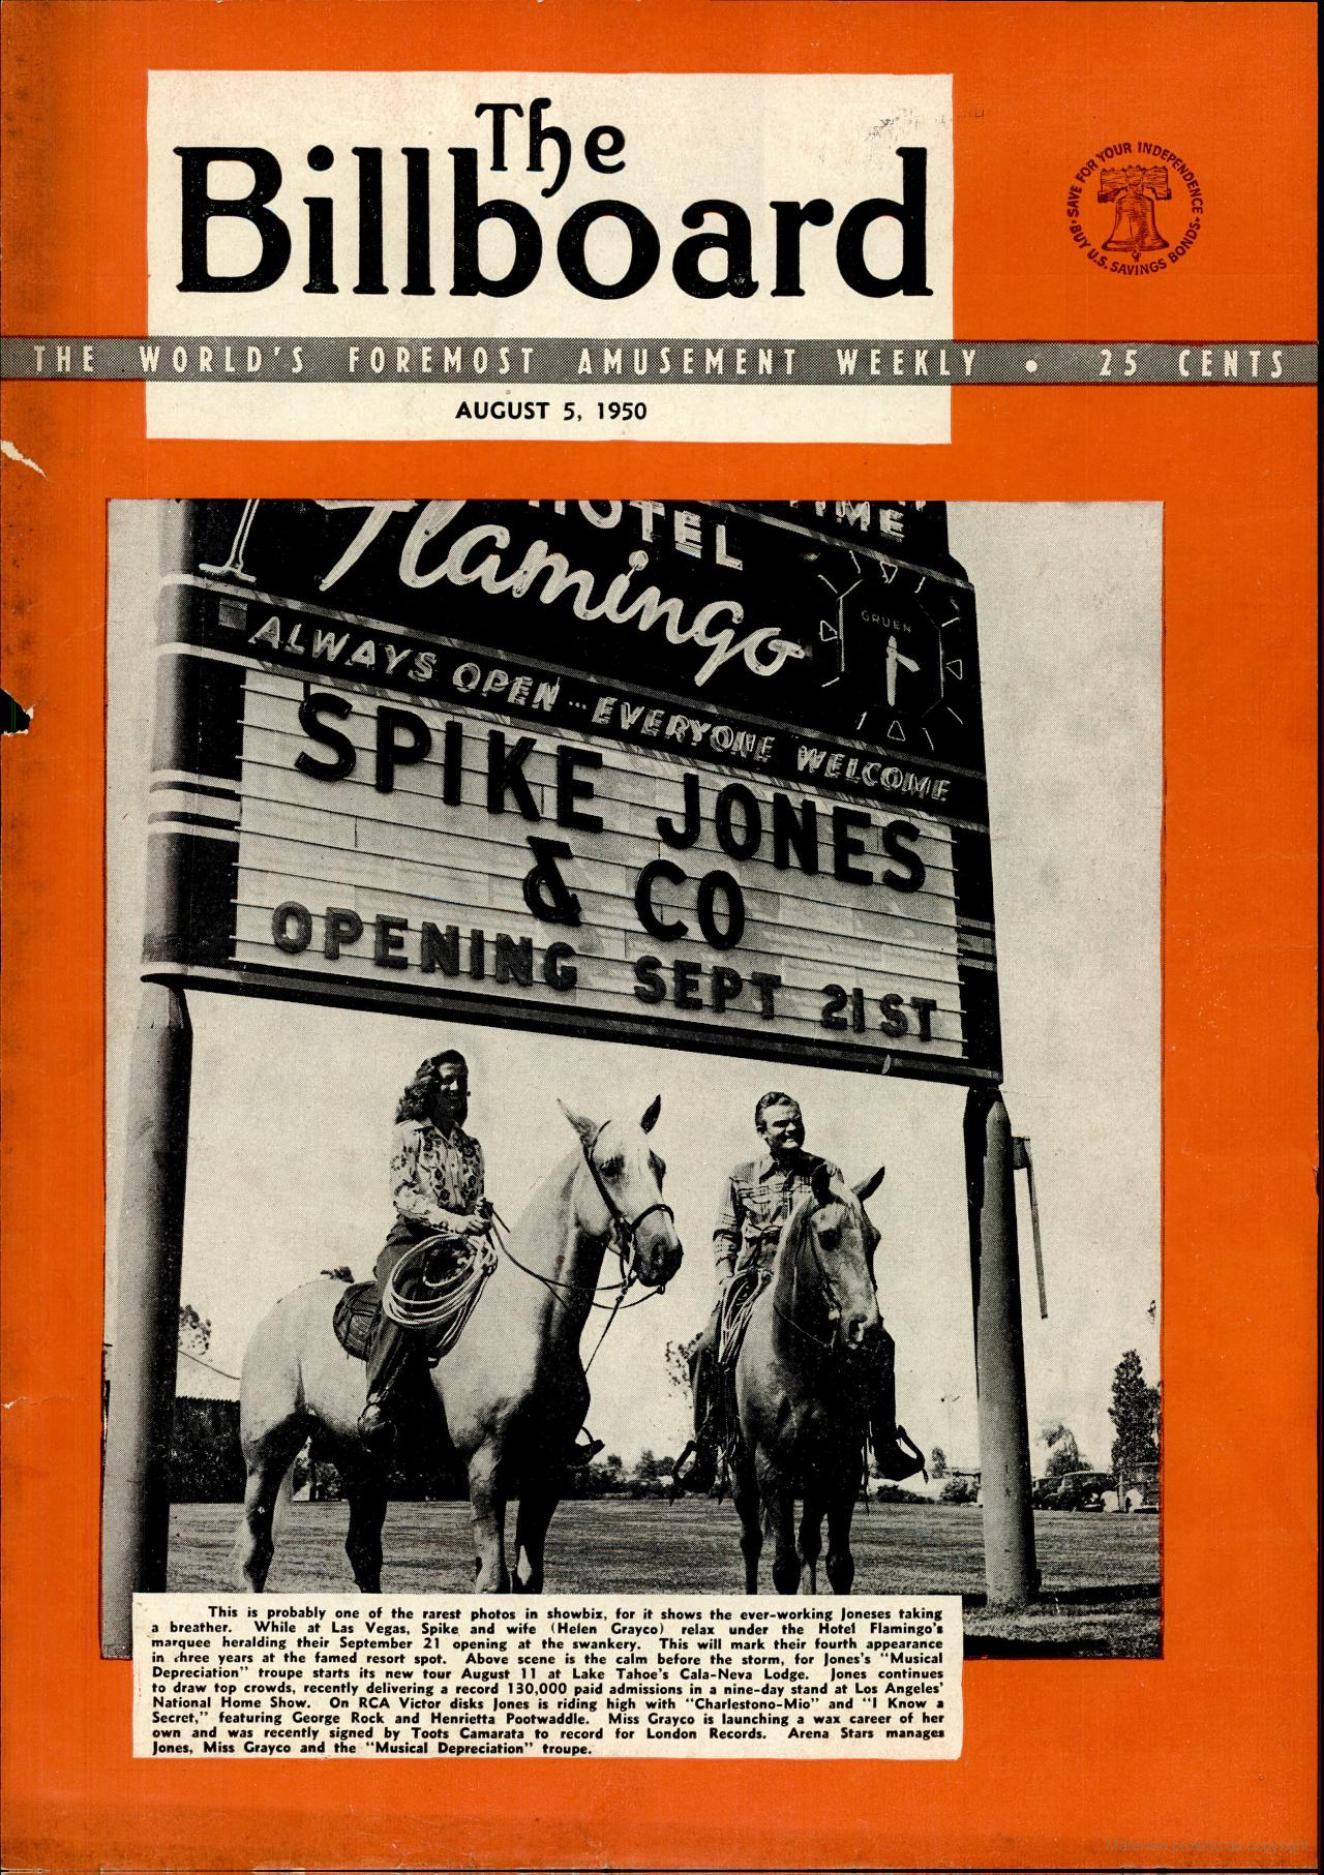 Copertina di Billboard 5 agosto 1950